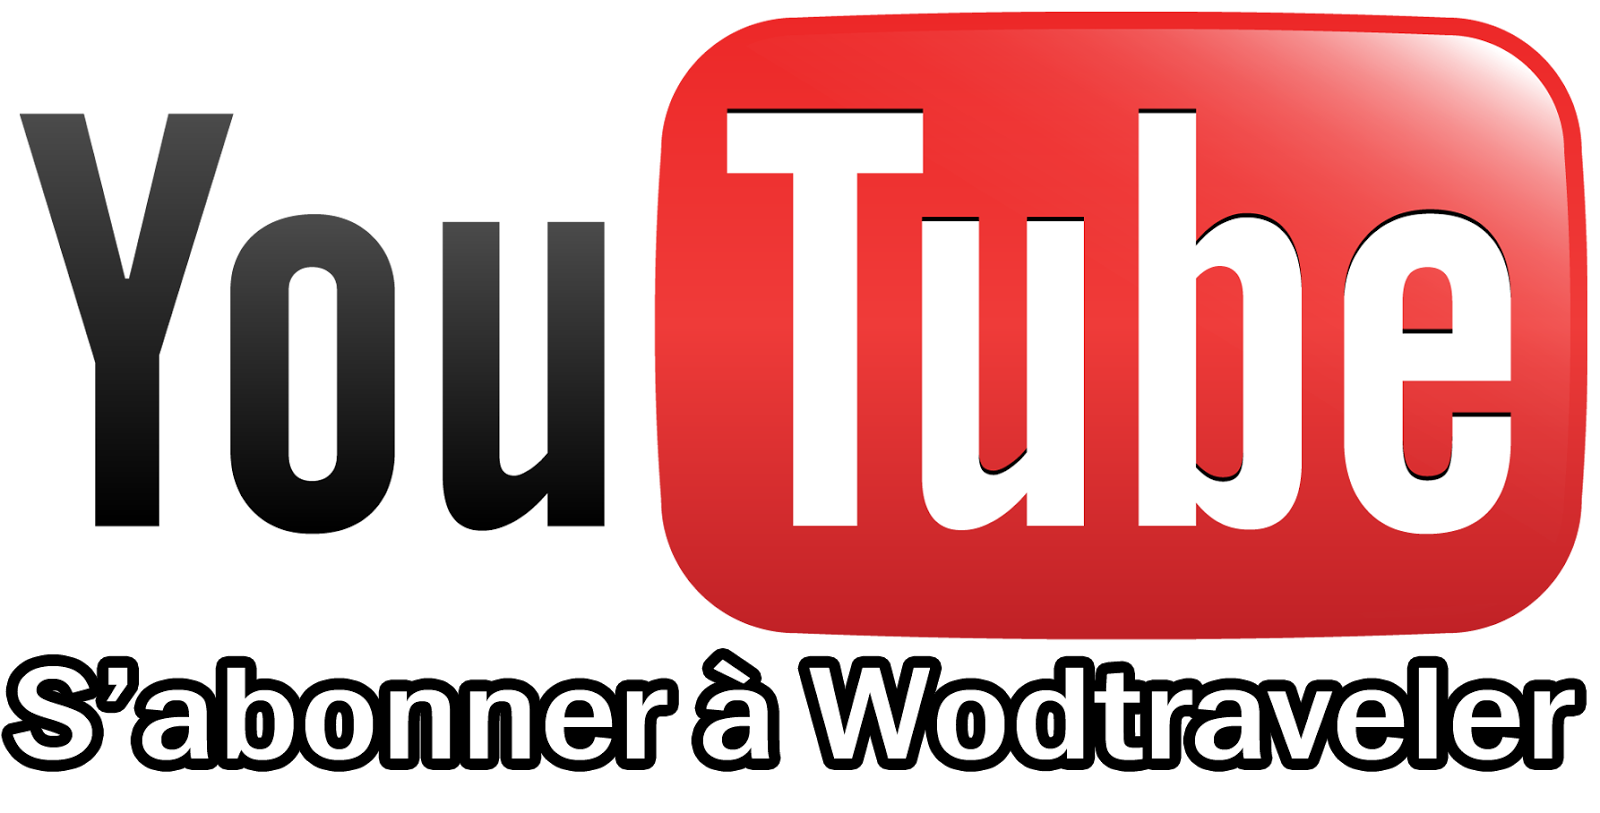 Abonne toi à la chaine Youtube